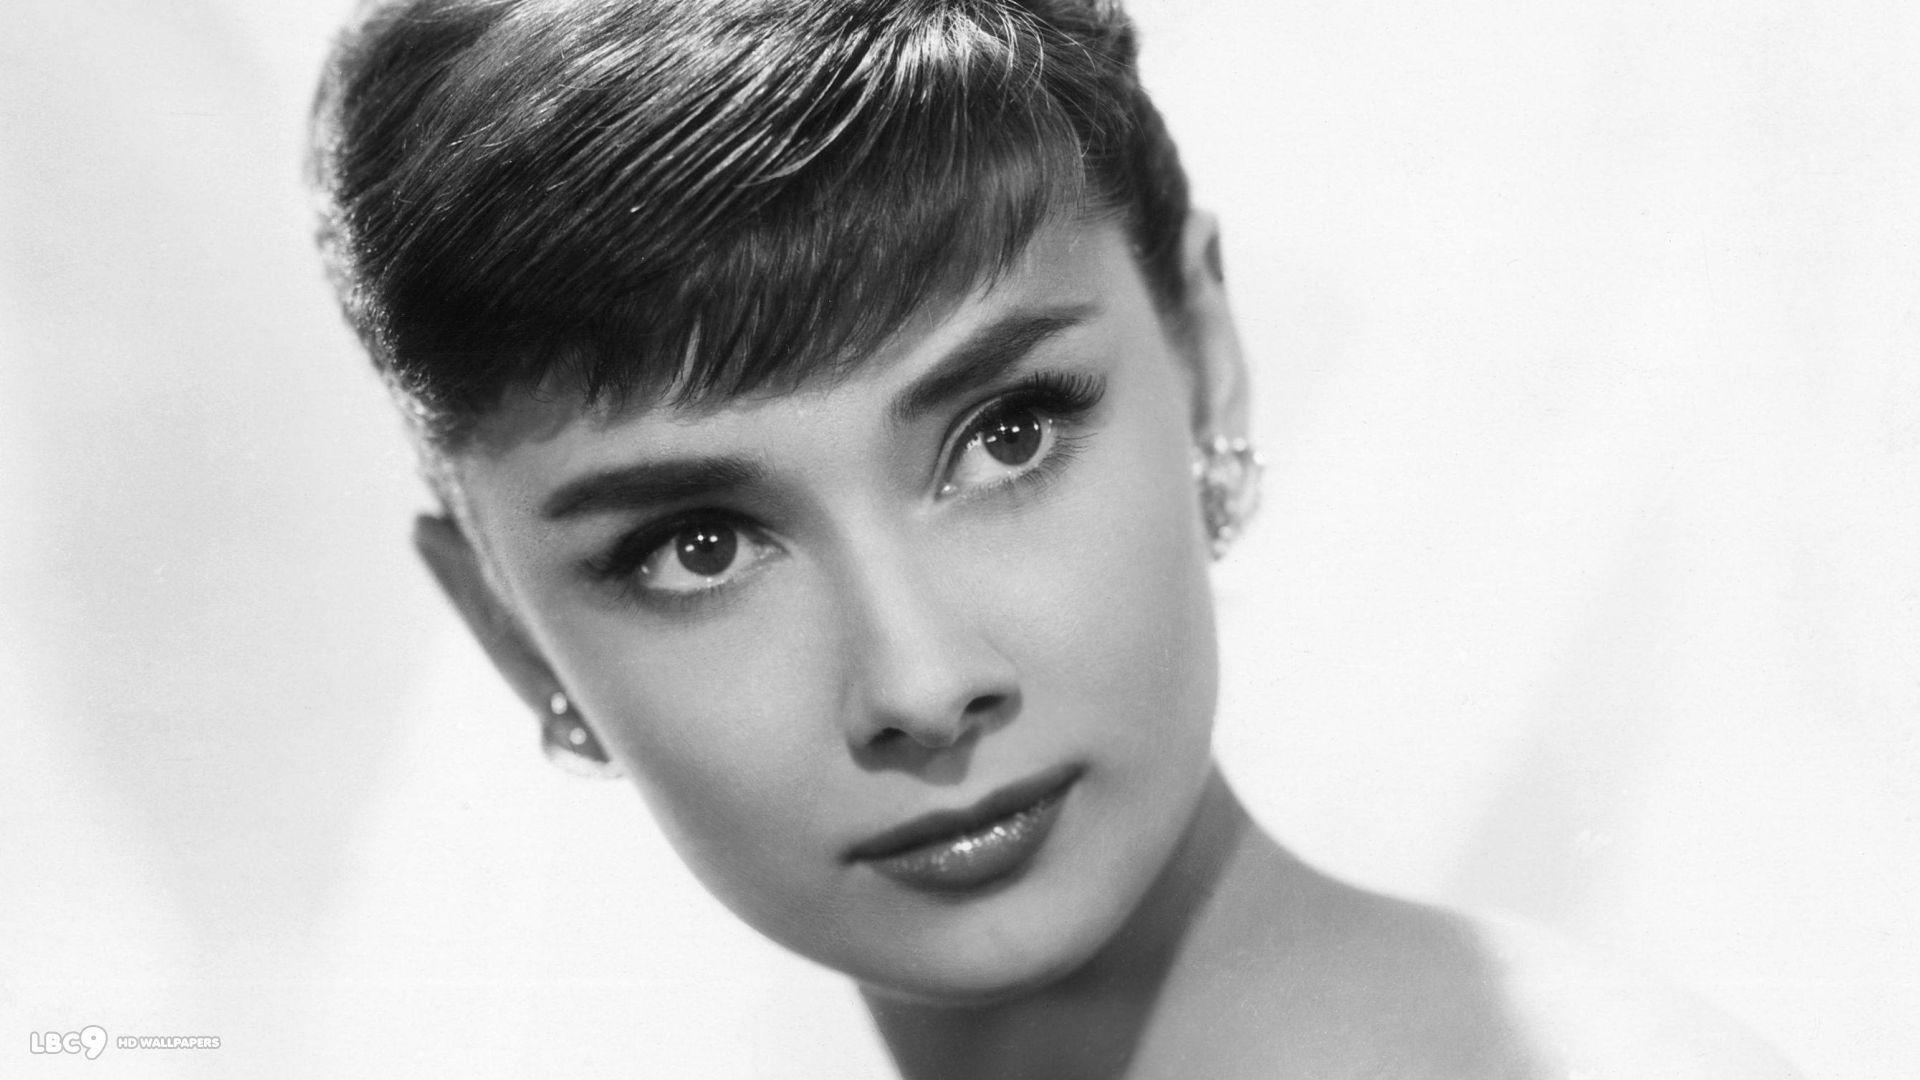 Audrey Hepburn Desktop Wallpapers 1920x1080